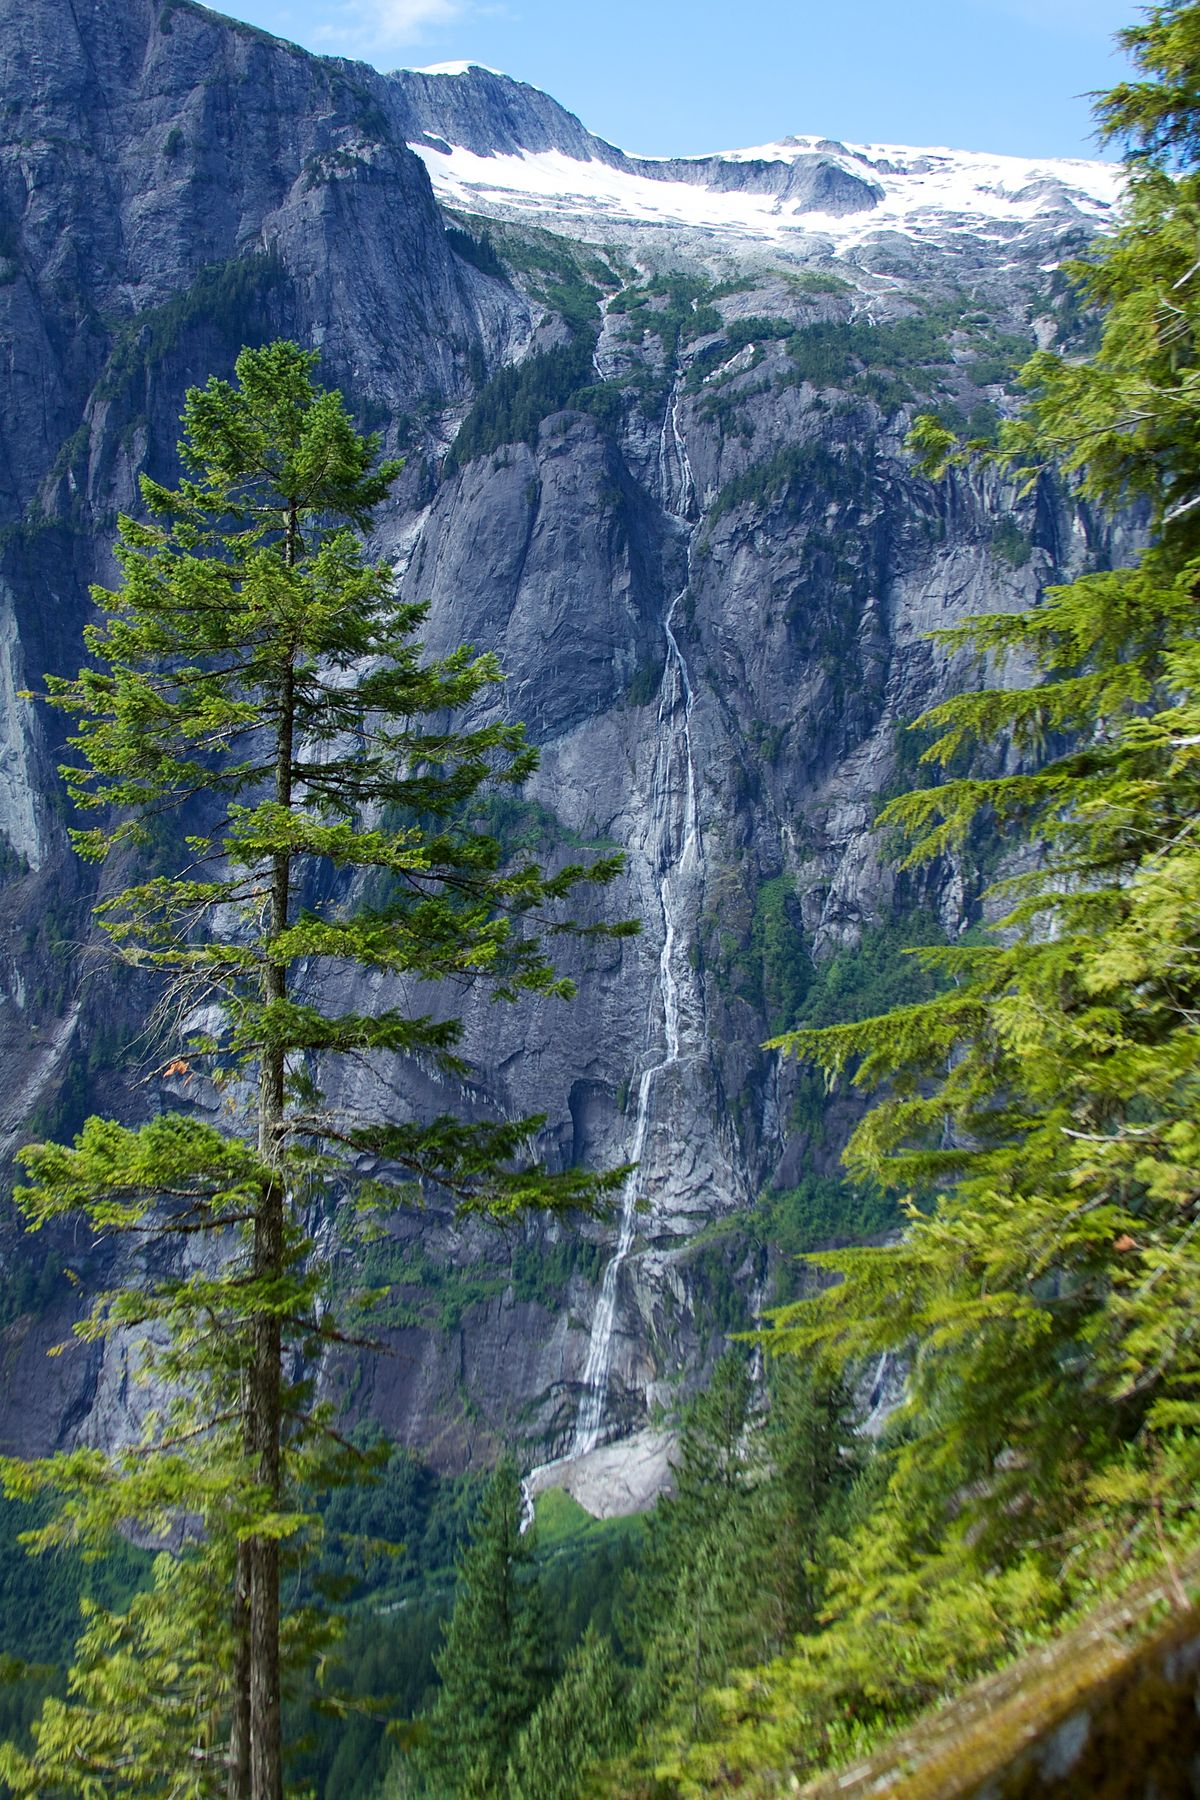 Falls Wallpaper Waterfall James Bruce Falls Wikipedia